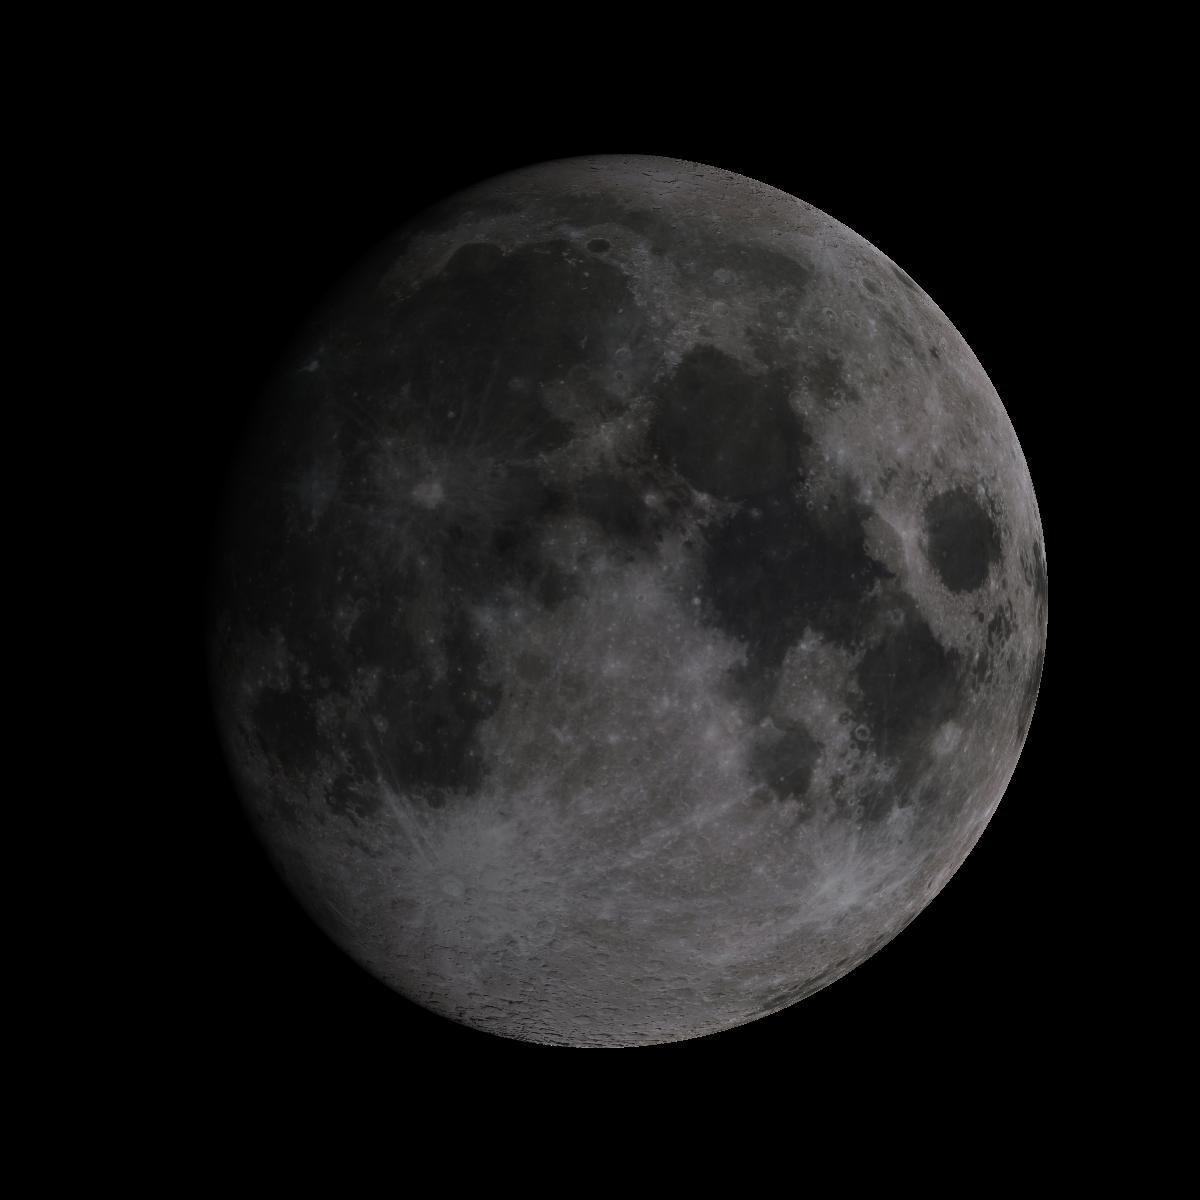 Lune du 13 aout 2019